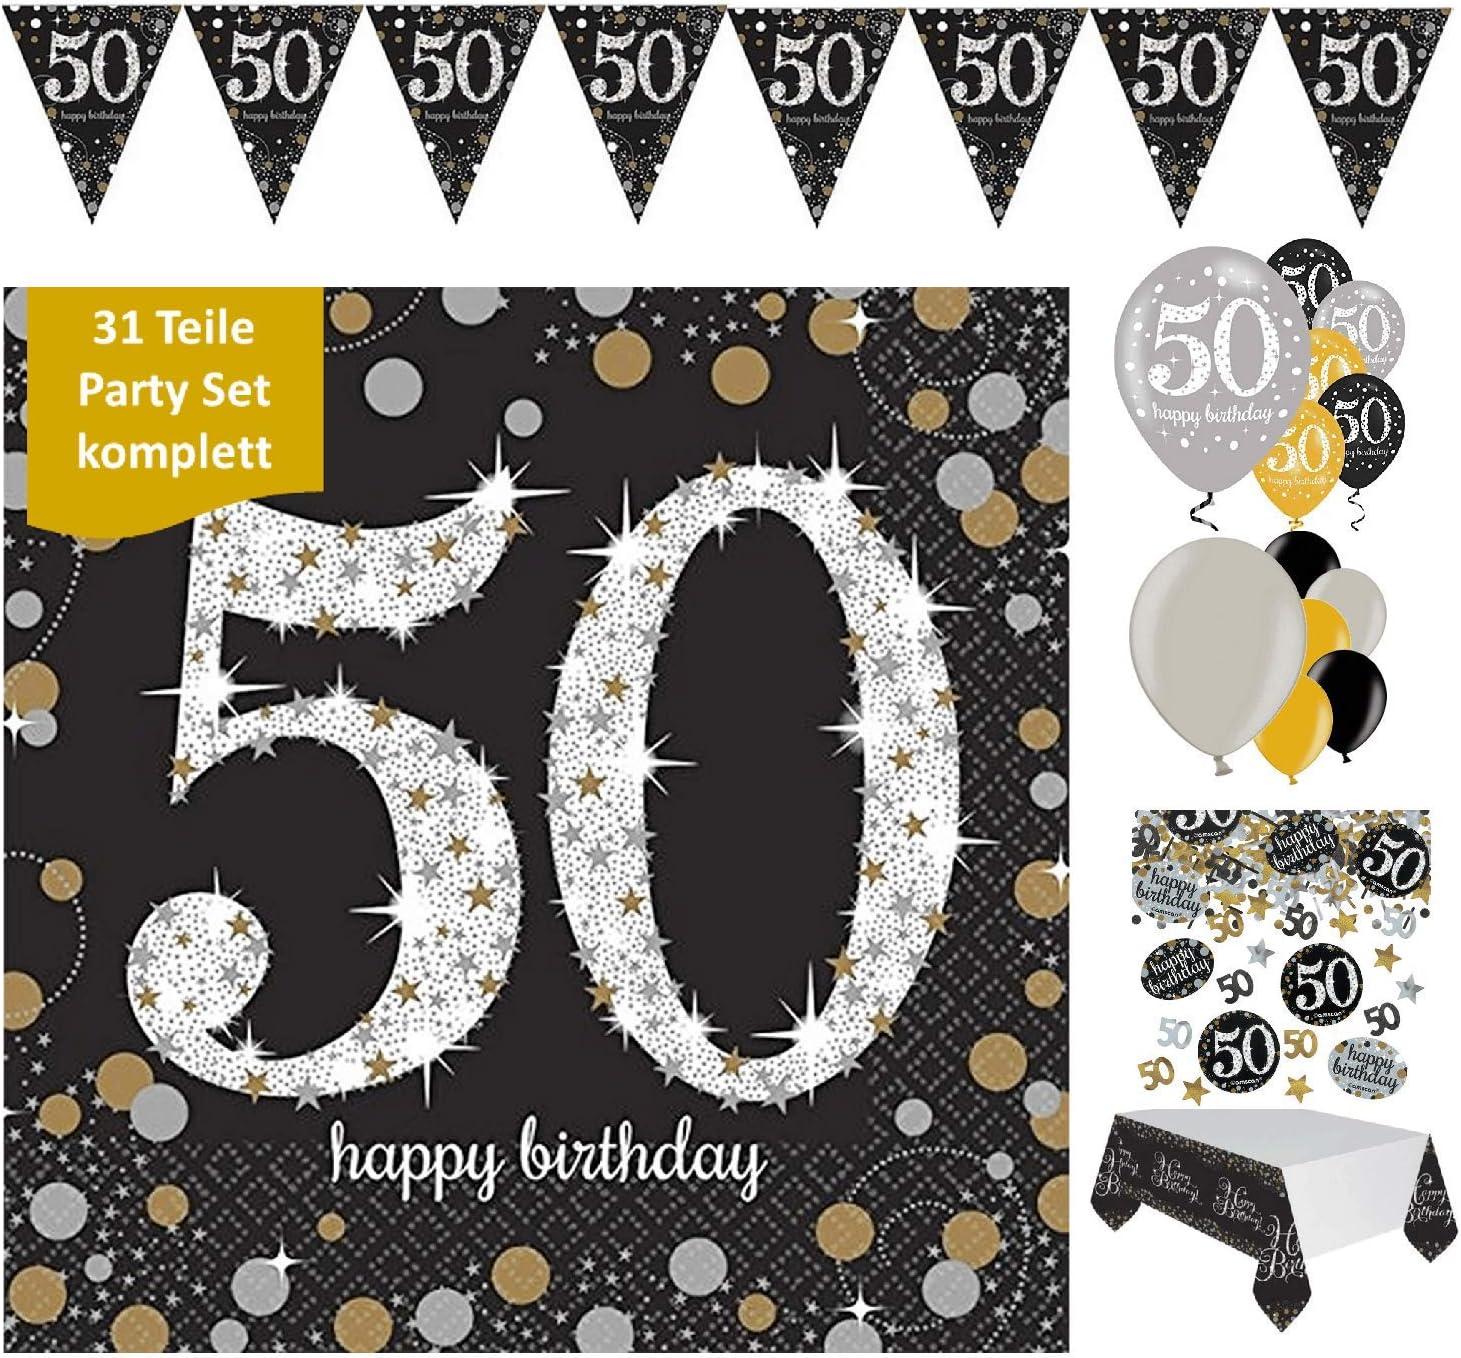 Wimpelkette  50  gold 10m   Geburtstag Jubiläum Feier Hängende Dekoration Neu